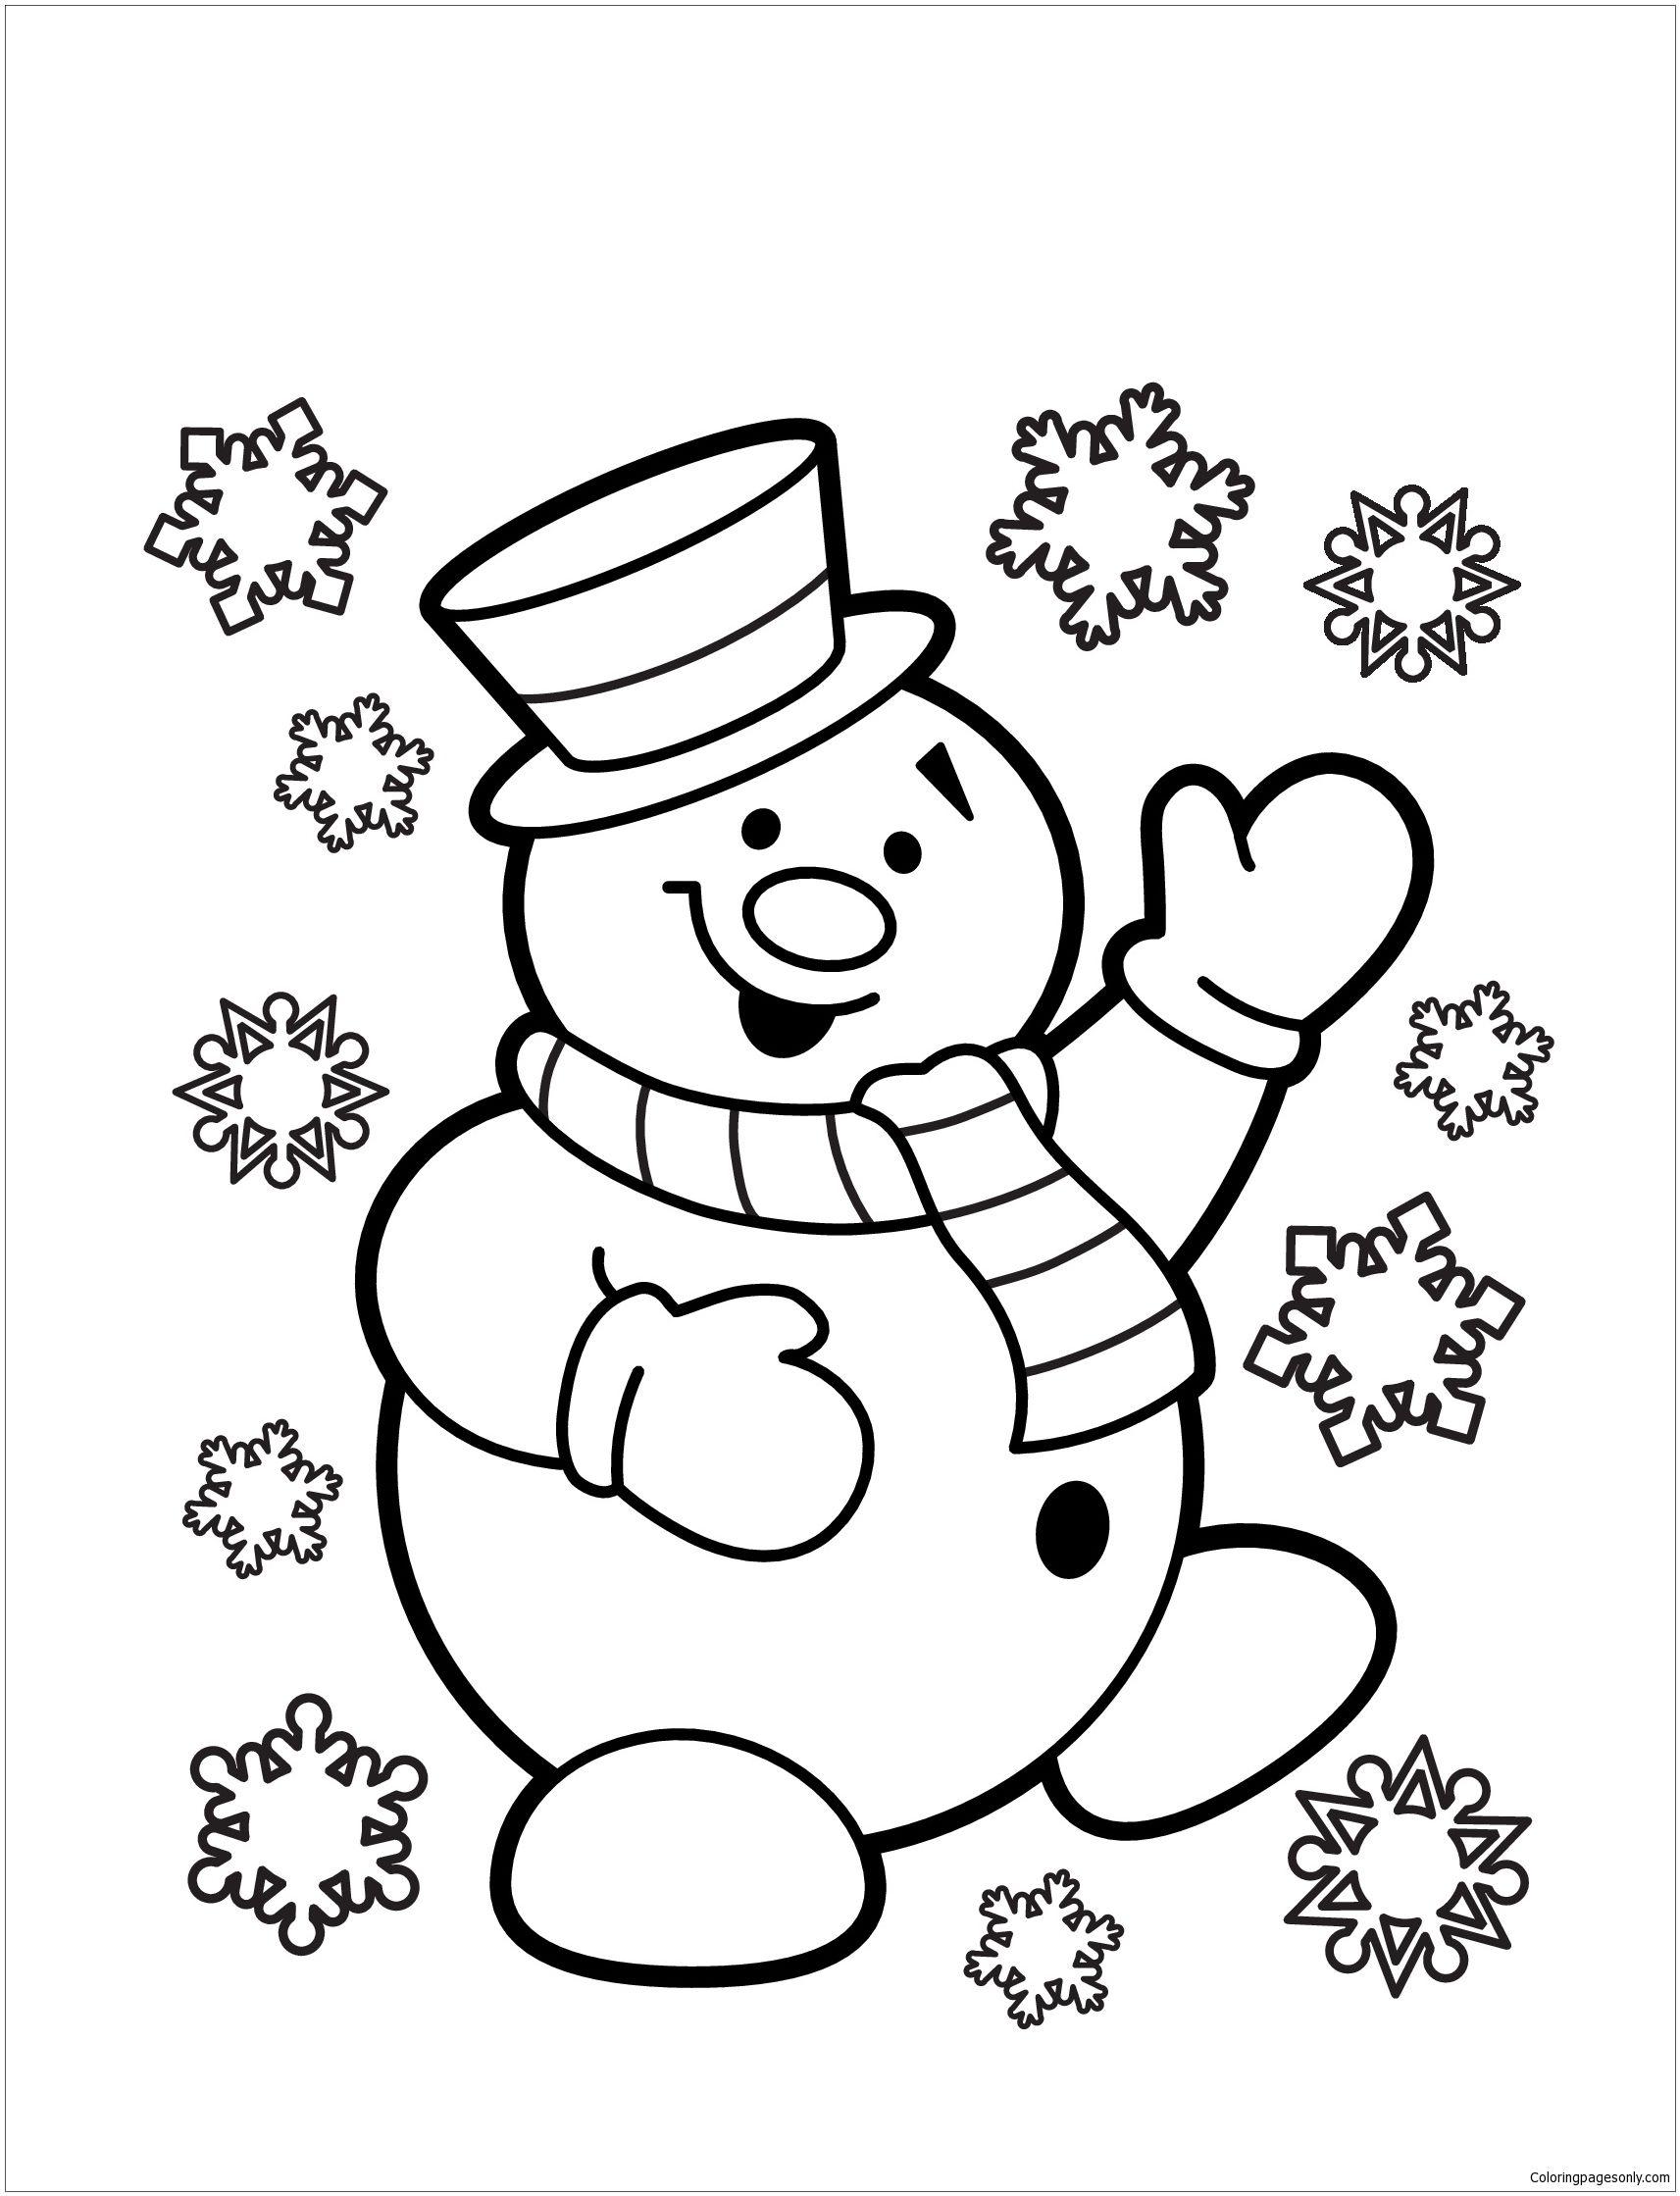 Snowman 3 Coloring Page | Dibujos de navidad para imprimir ...